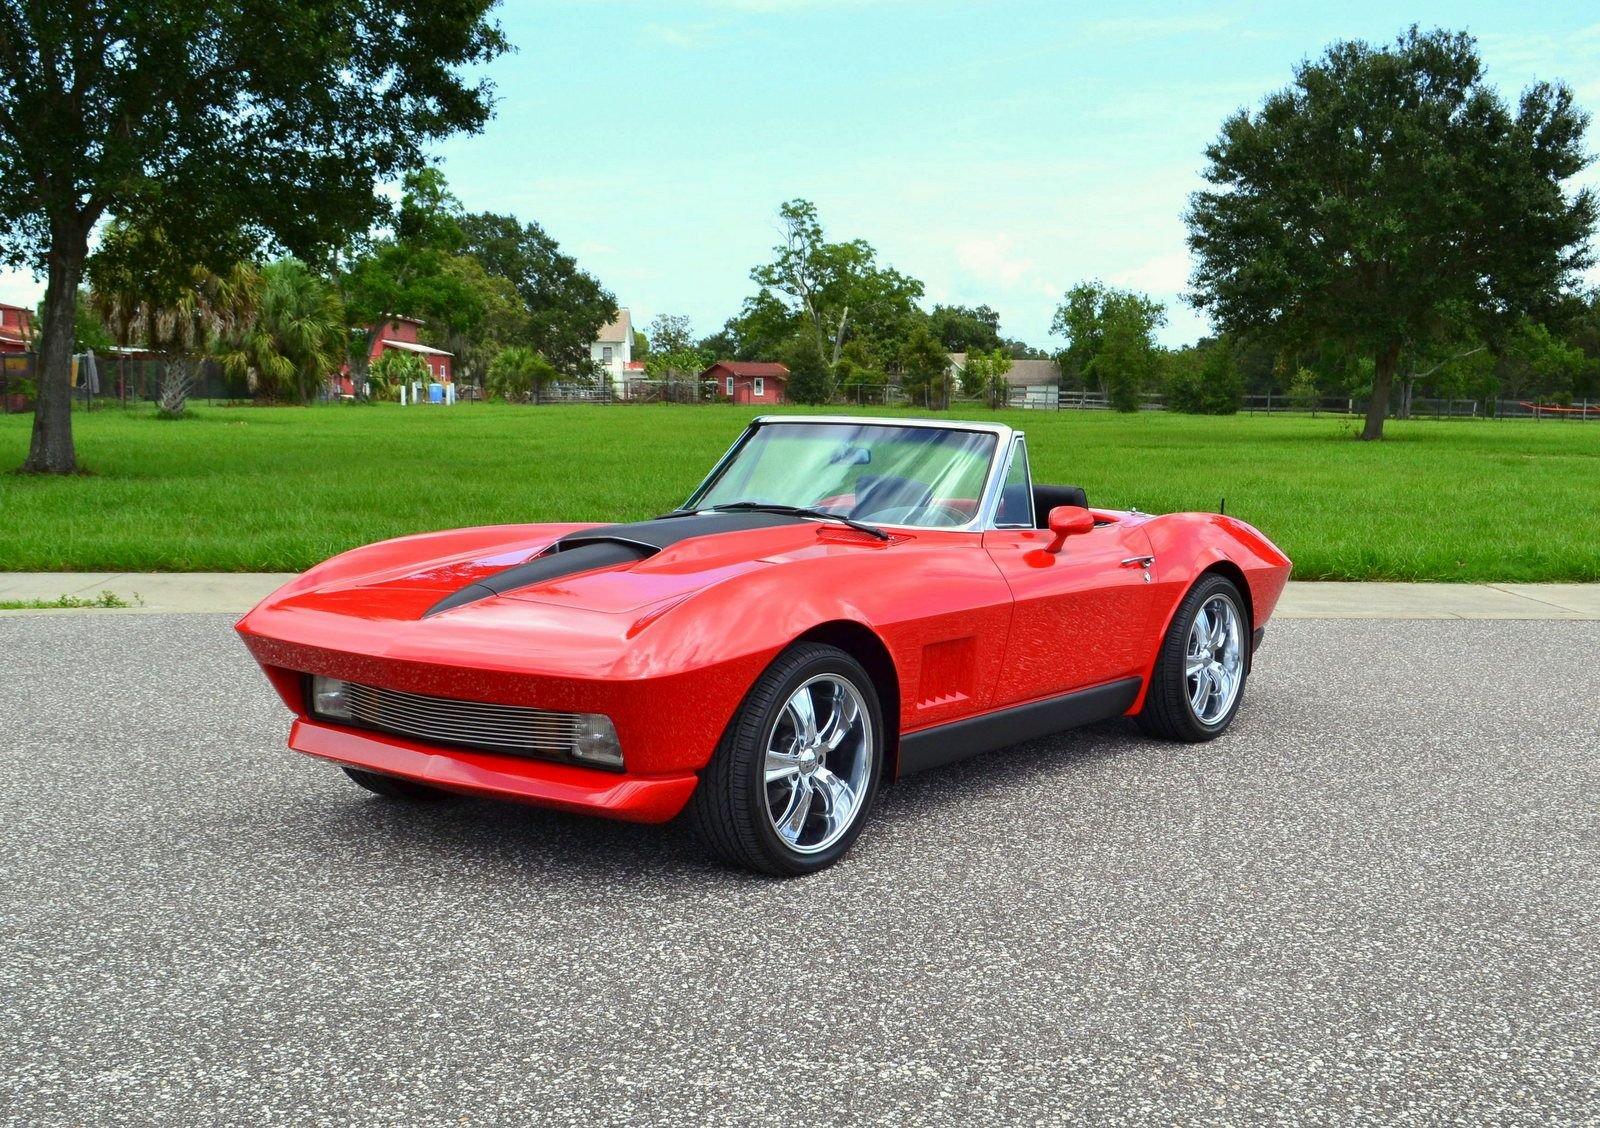 1967 chevrolet corvette roadster restomod